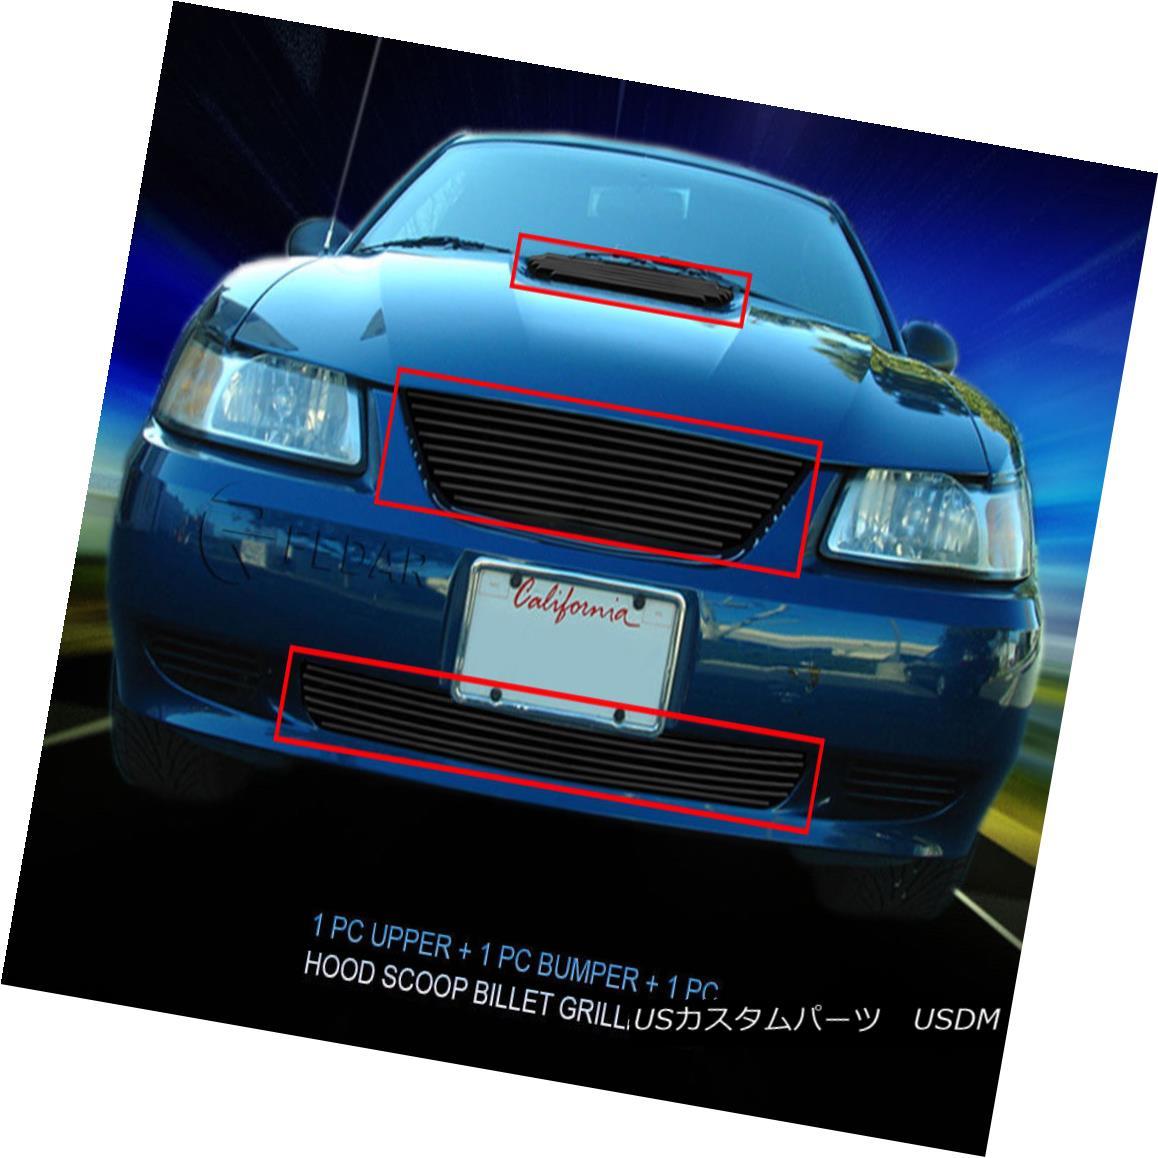 グリル 99-04 Ford Mustang V6 Black Billet Grille Grill Combo 3 Pcs Fedar 99-04フォードマスタングV6ブラックビレットグリルグリルコンボ3個入りFedar